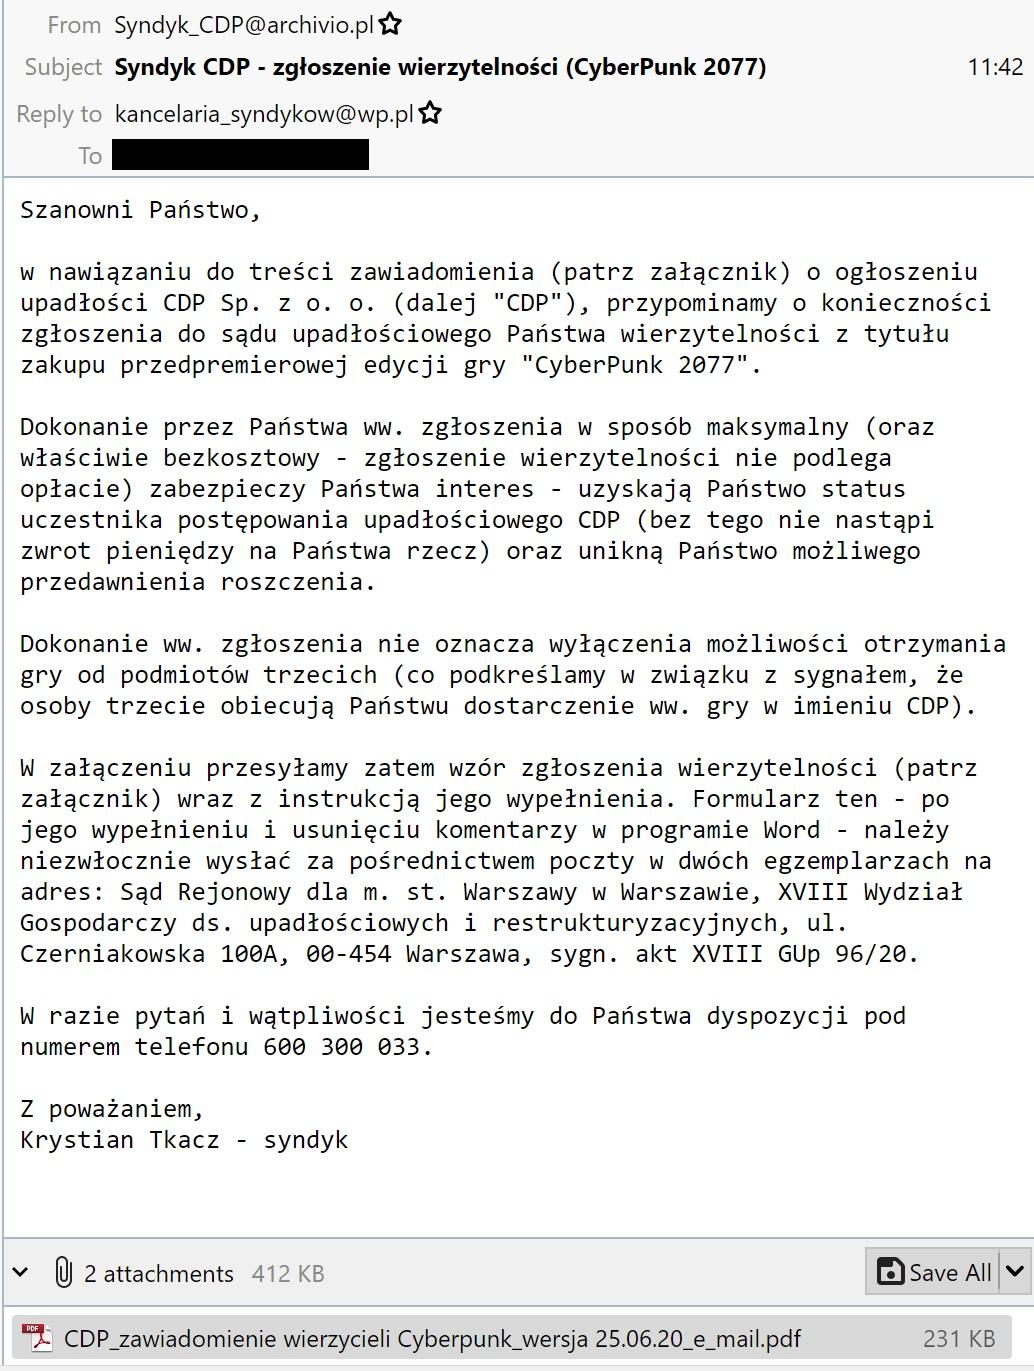 syndyk_cdp.jpg